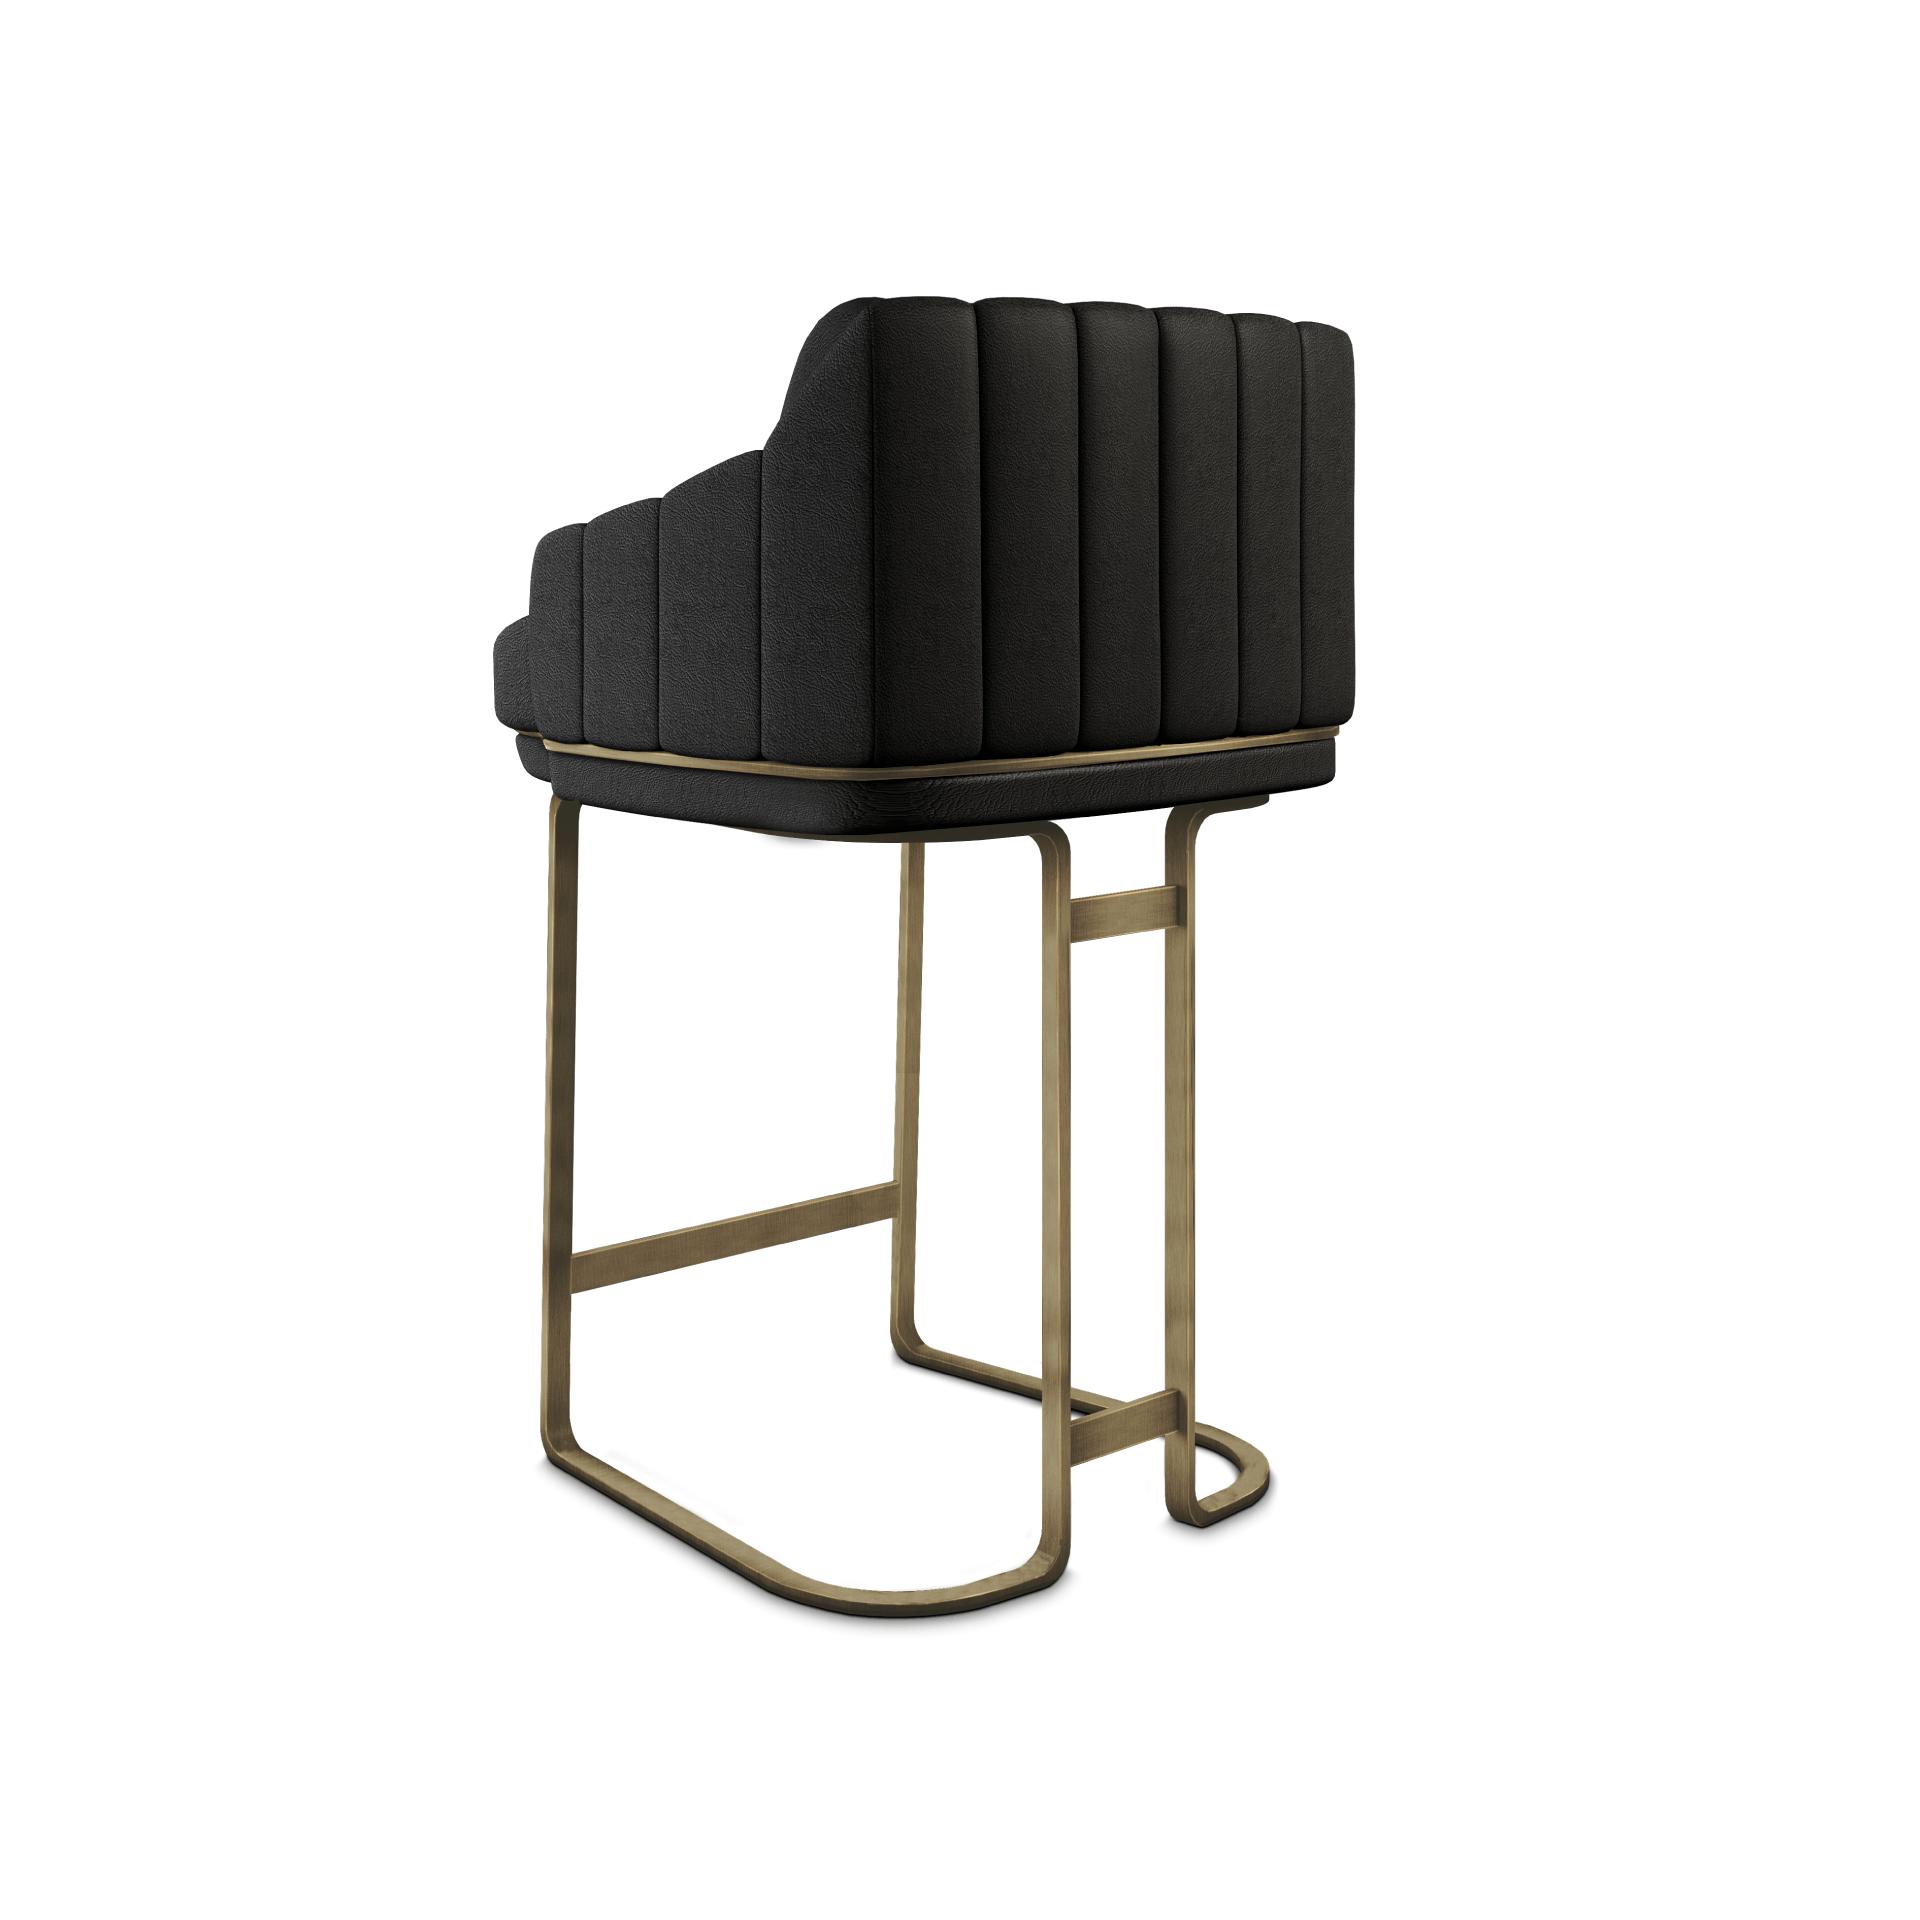 Houston bar chair 3 1